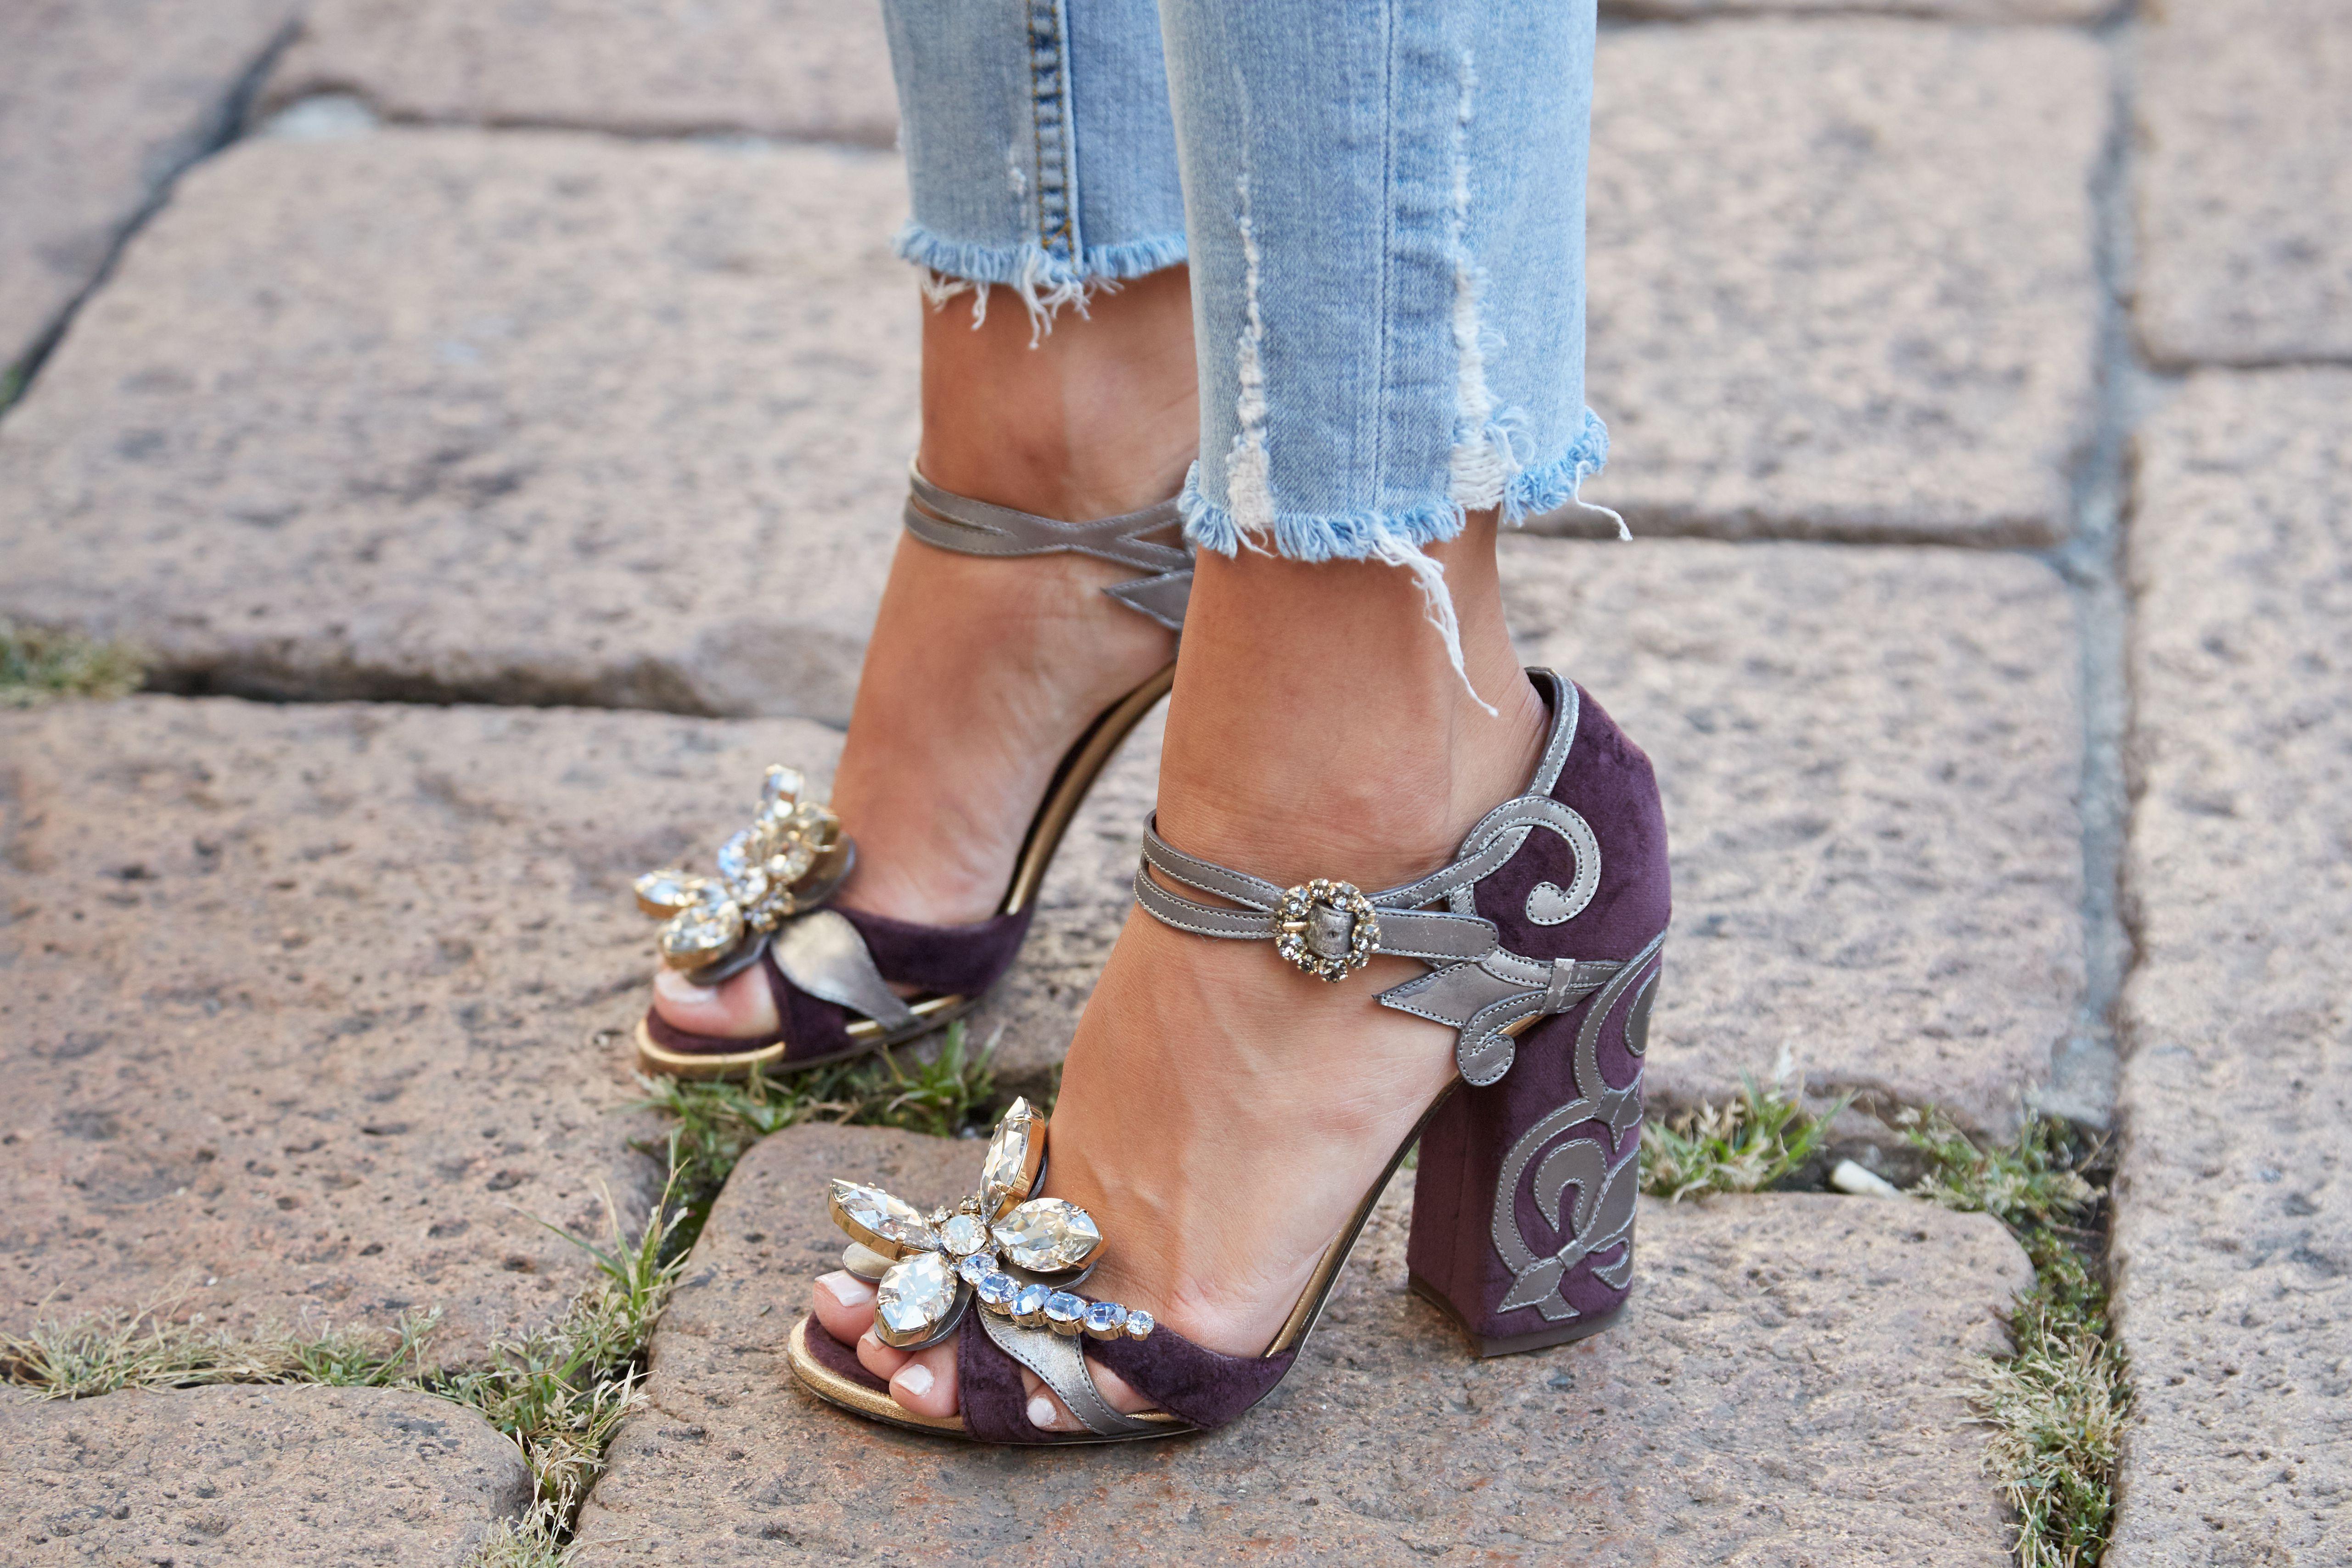 Ako još niste, sad je zadnji čas: pronašli smo najljepše sandale s blok petom sa sniženja